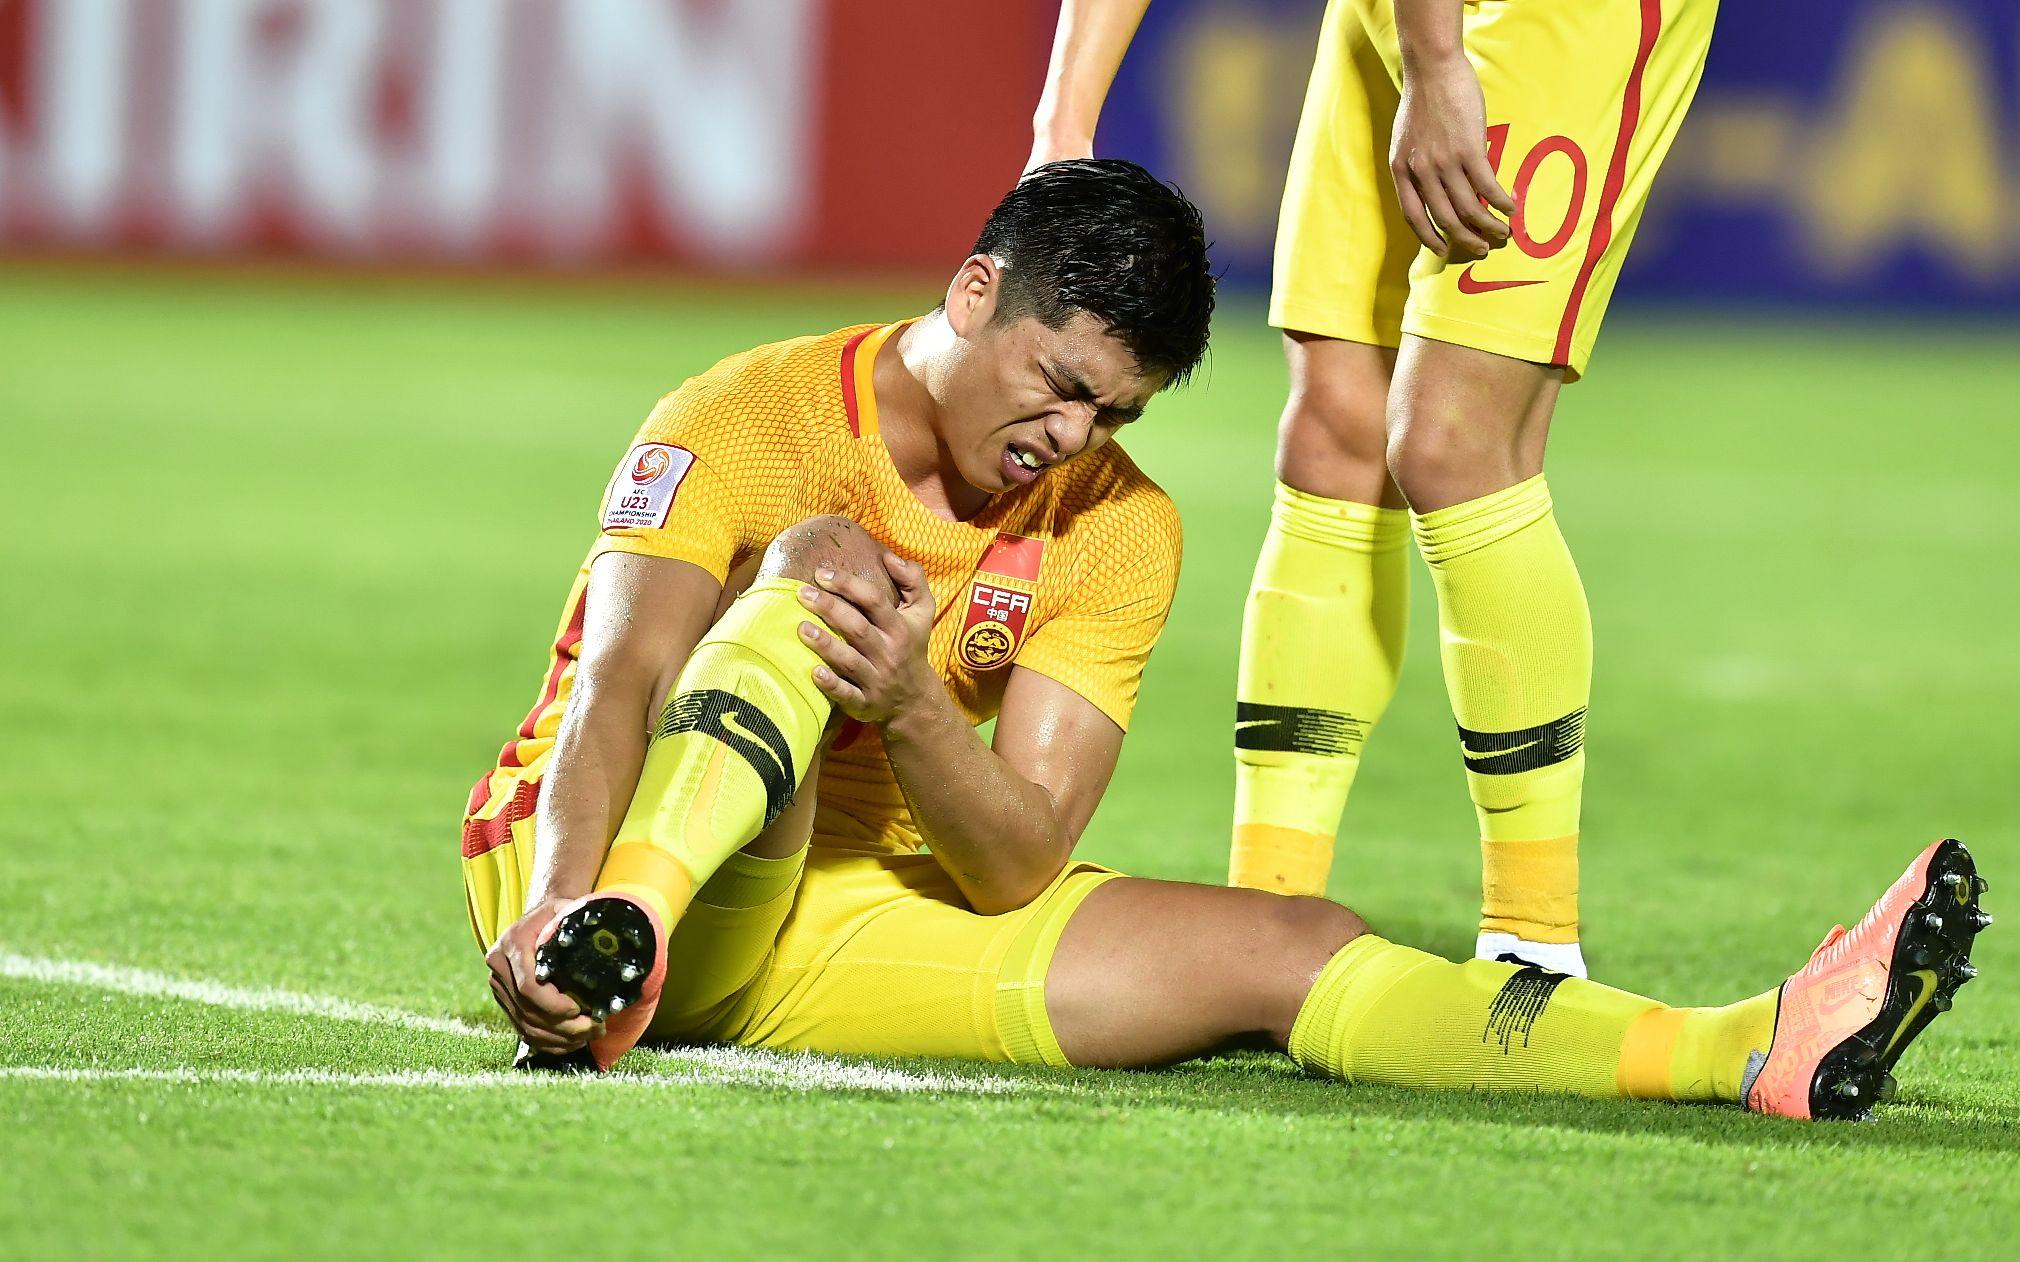 张玉宁趾骨骨裂,提前告别U23亚洲杯图片